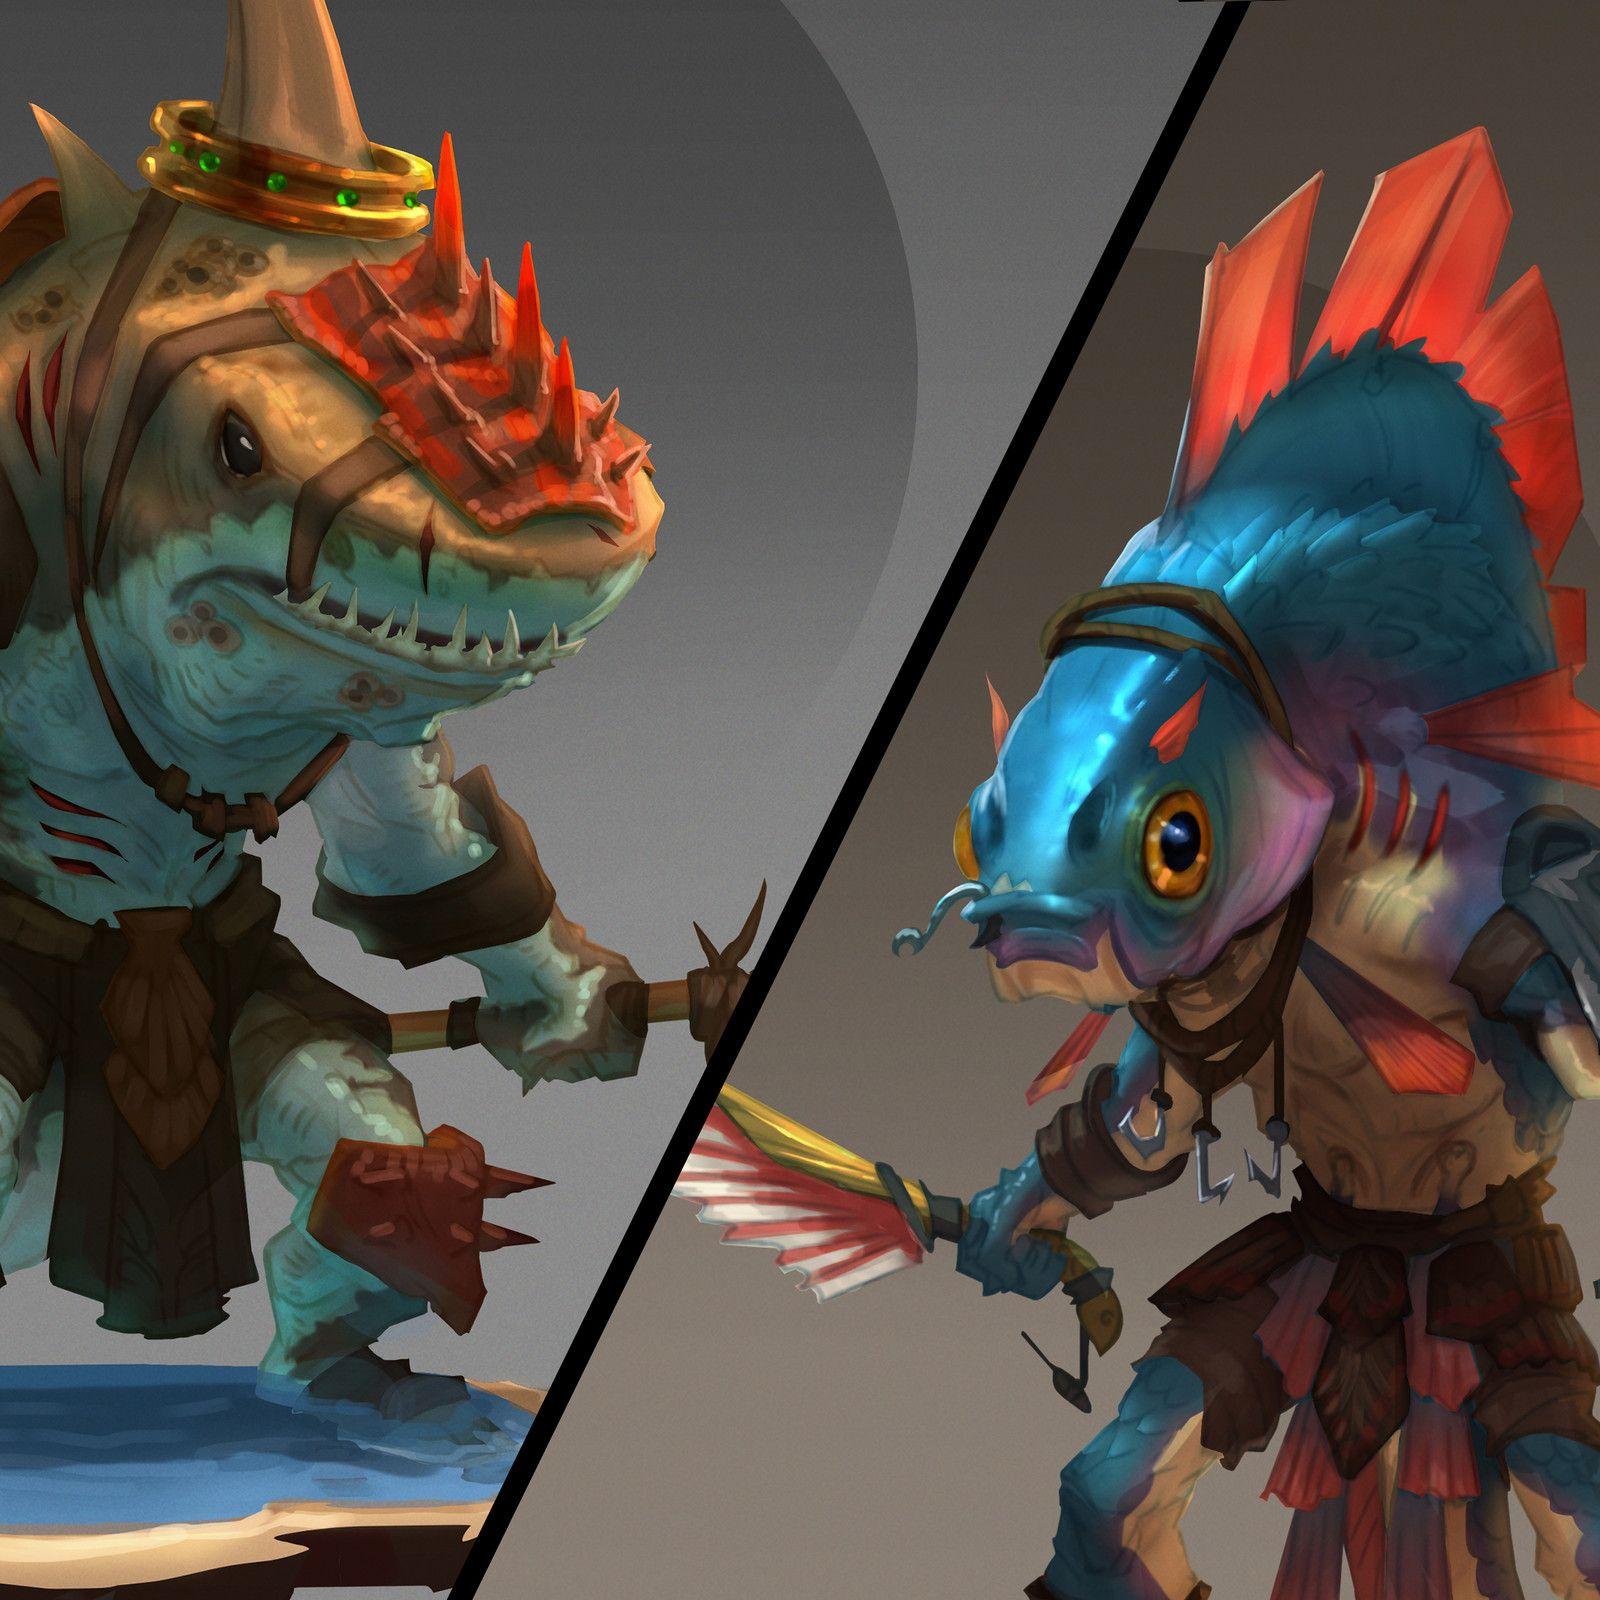 Pingl par kim brisebois sur creatures creature design - Croquis poisson ...